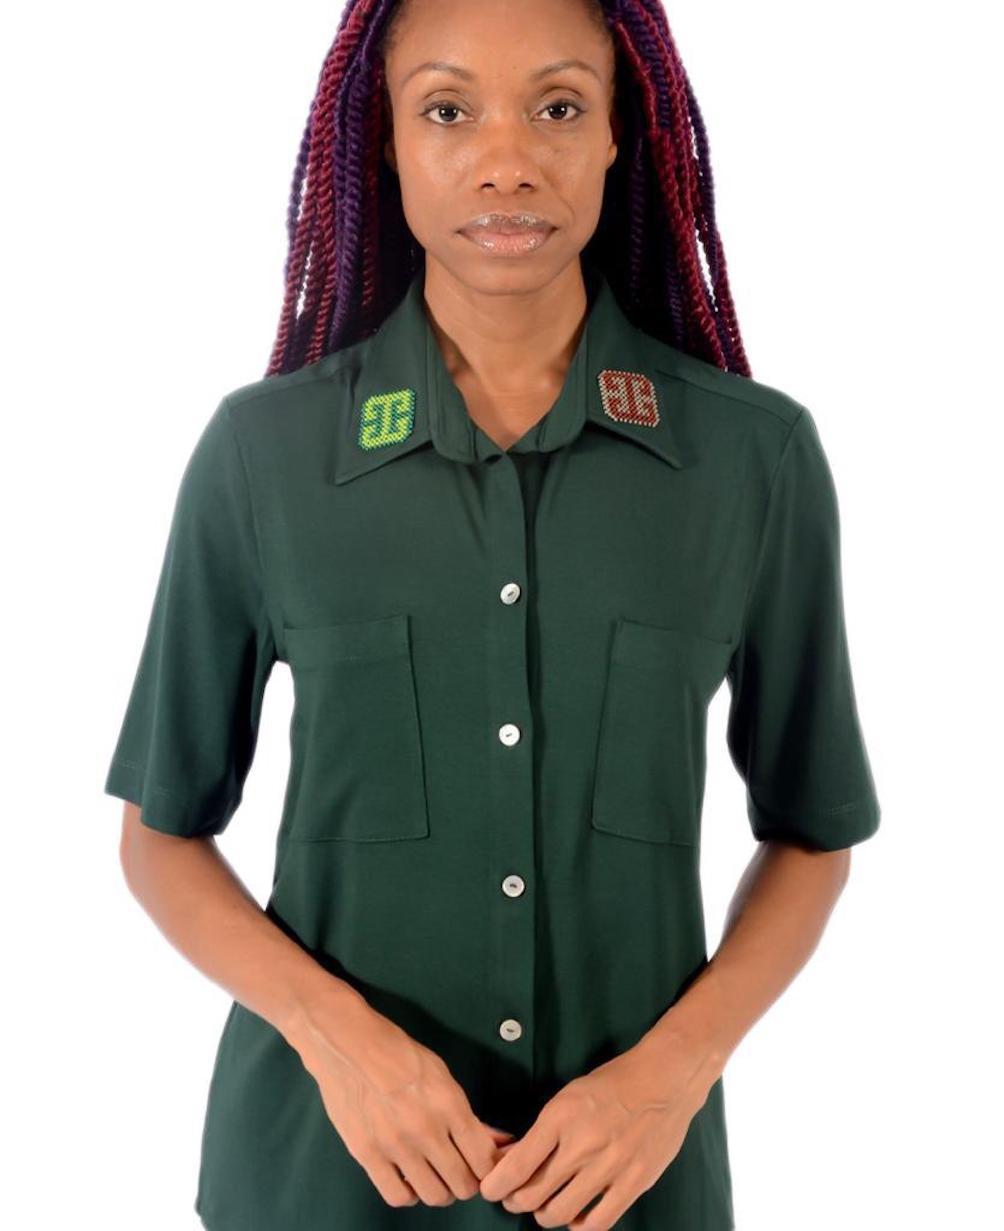 Camisa com Gola Indígena